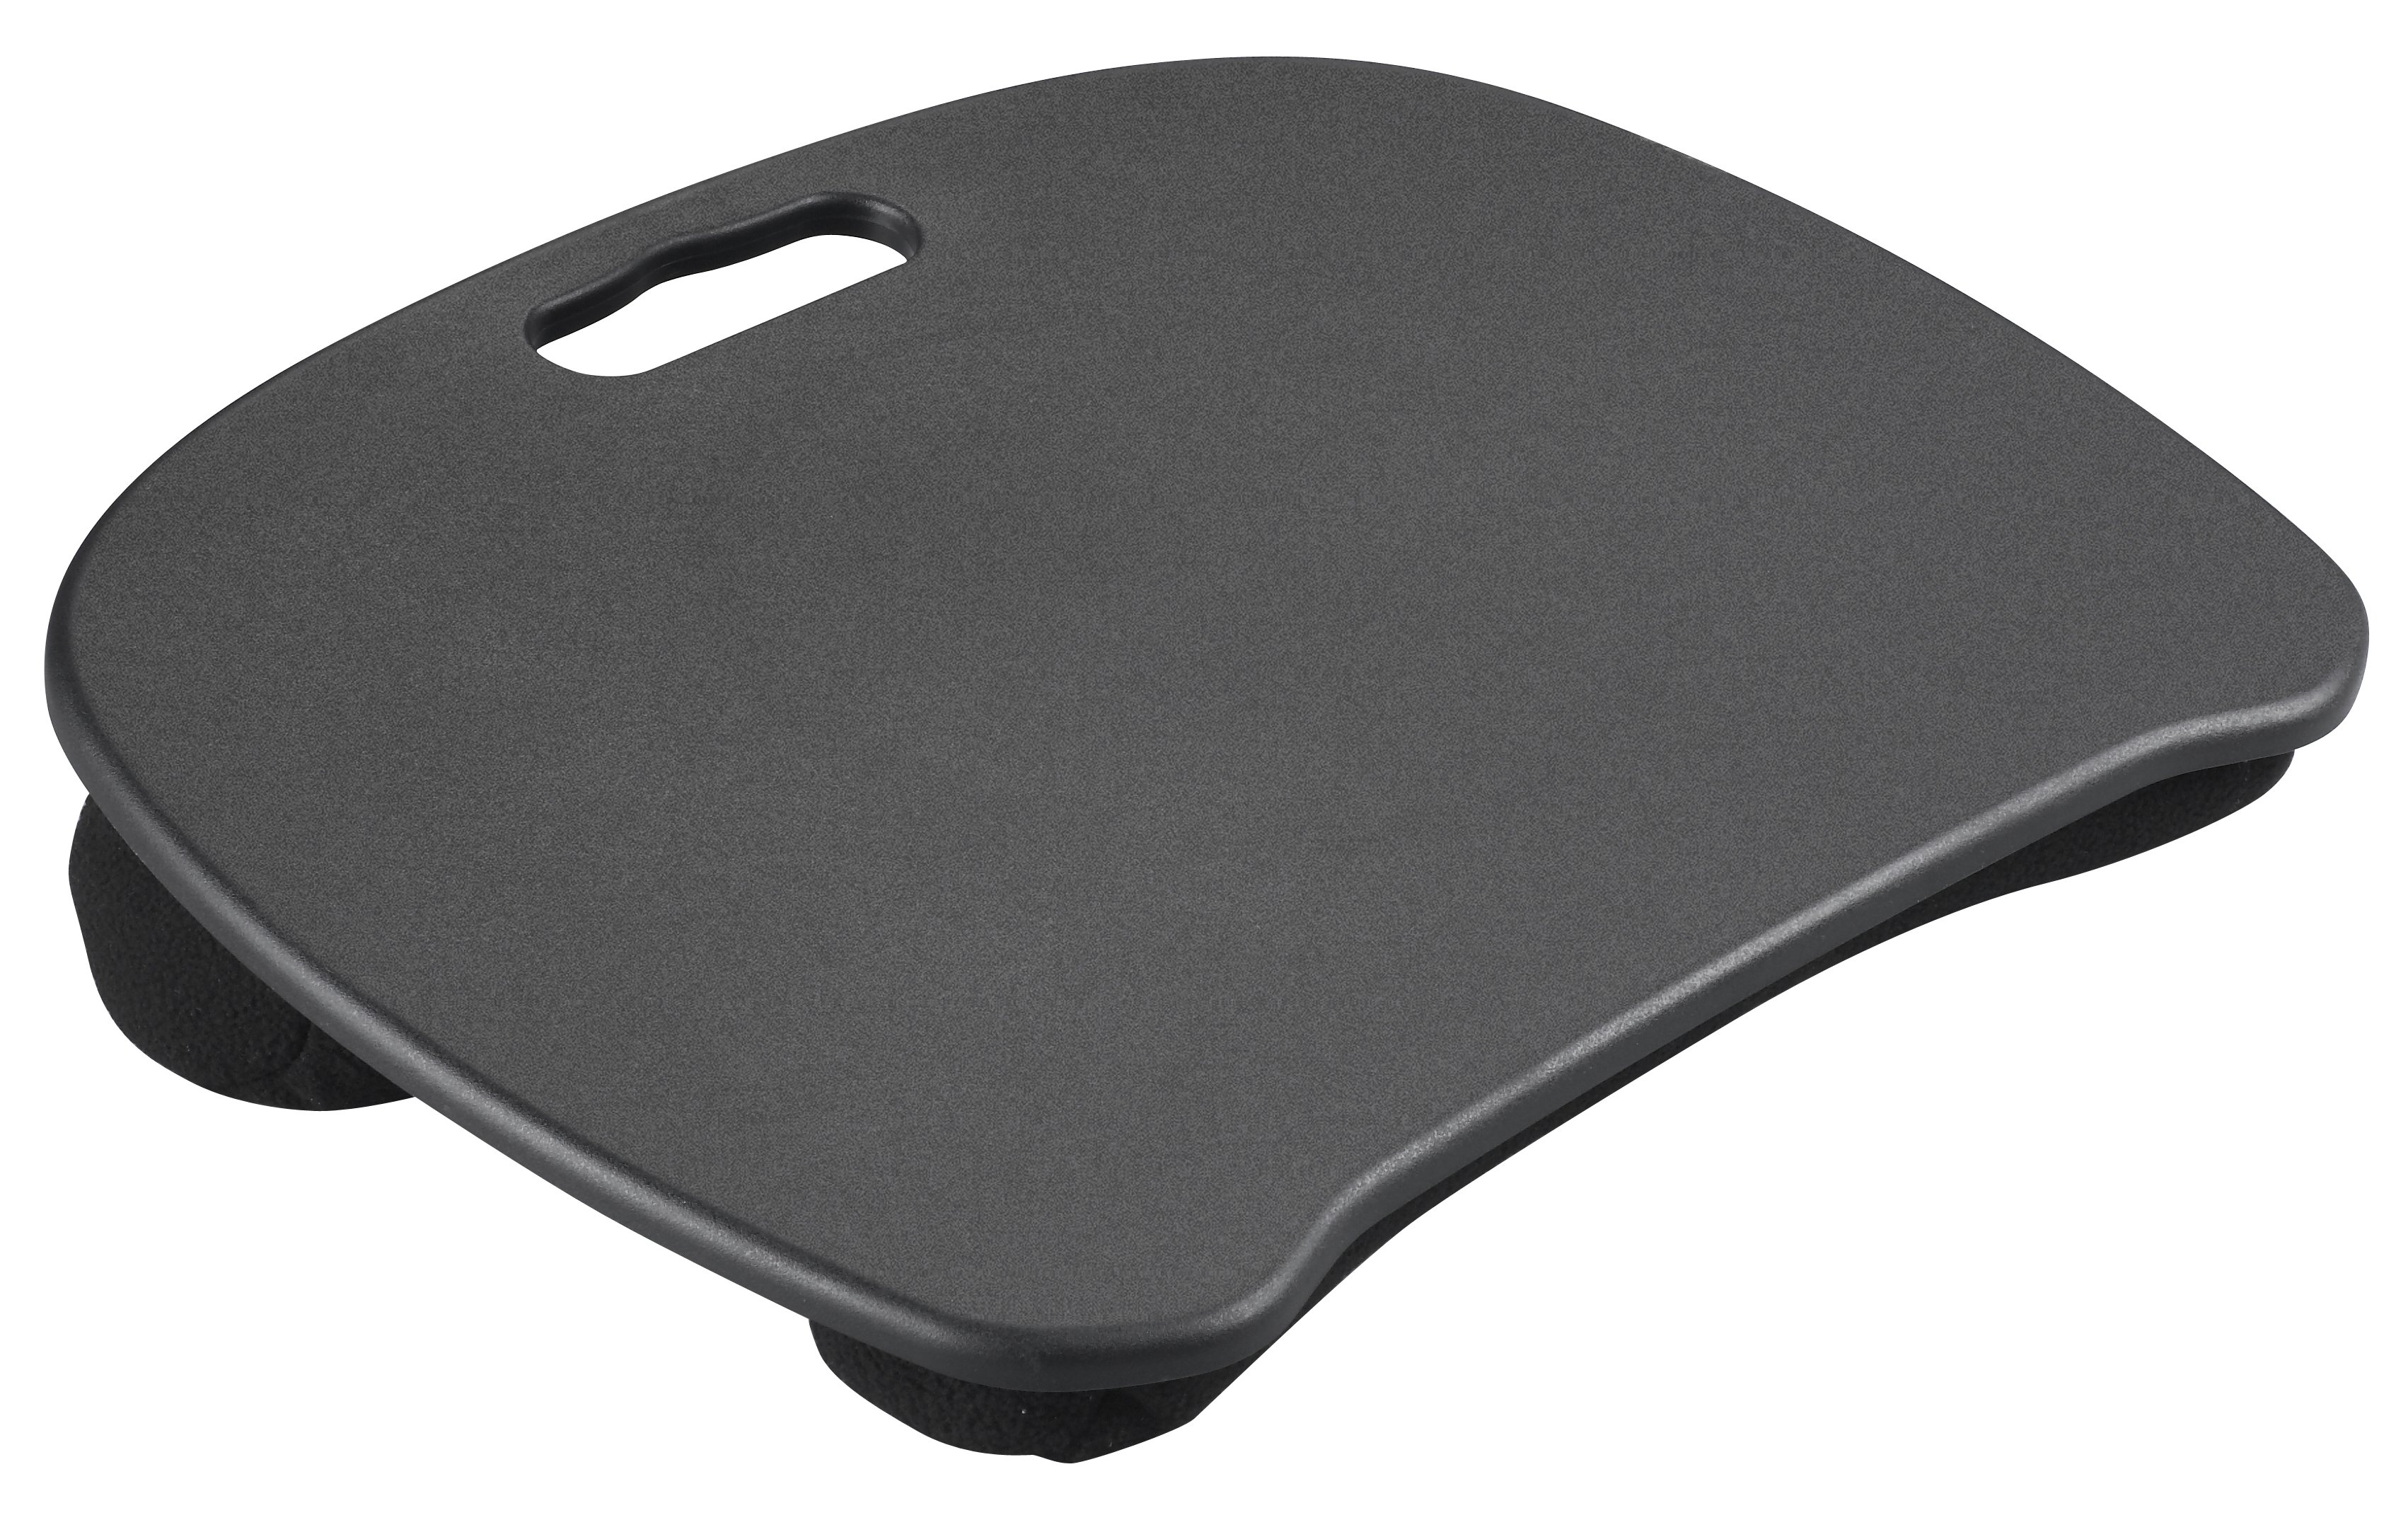 Podložka pod notebook - Halmar - B-28 (čierna). Sme autorizovaný predajca Halmar. Vlastná spoľahlivá doprava až k Vám domov.